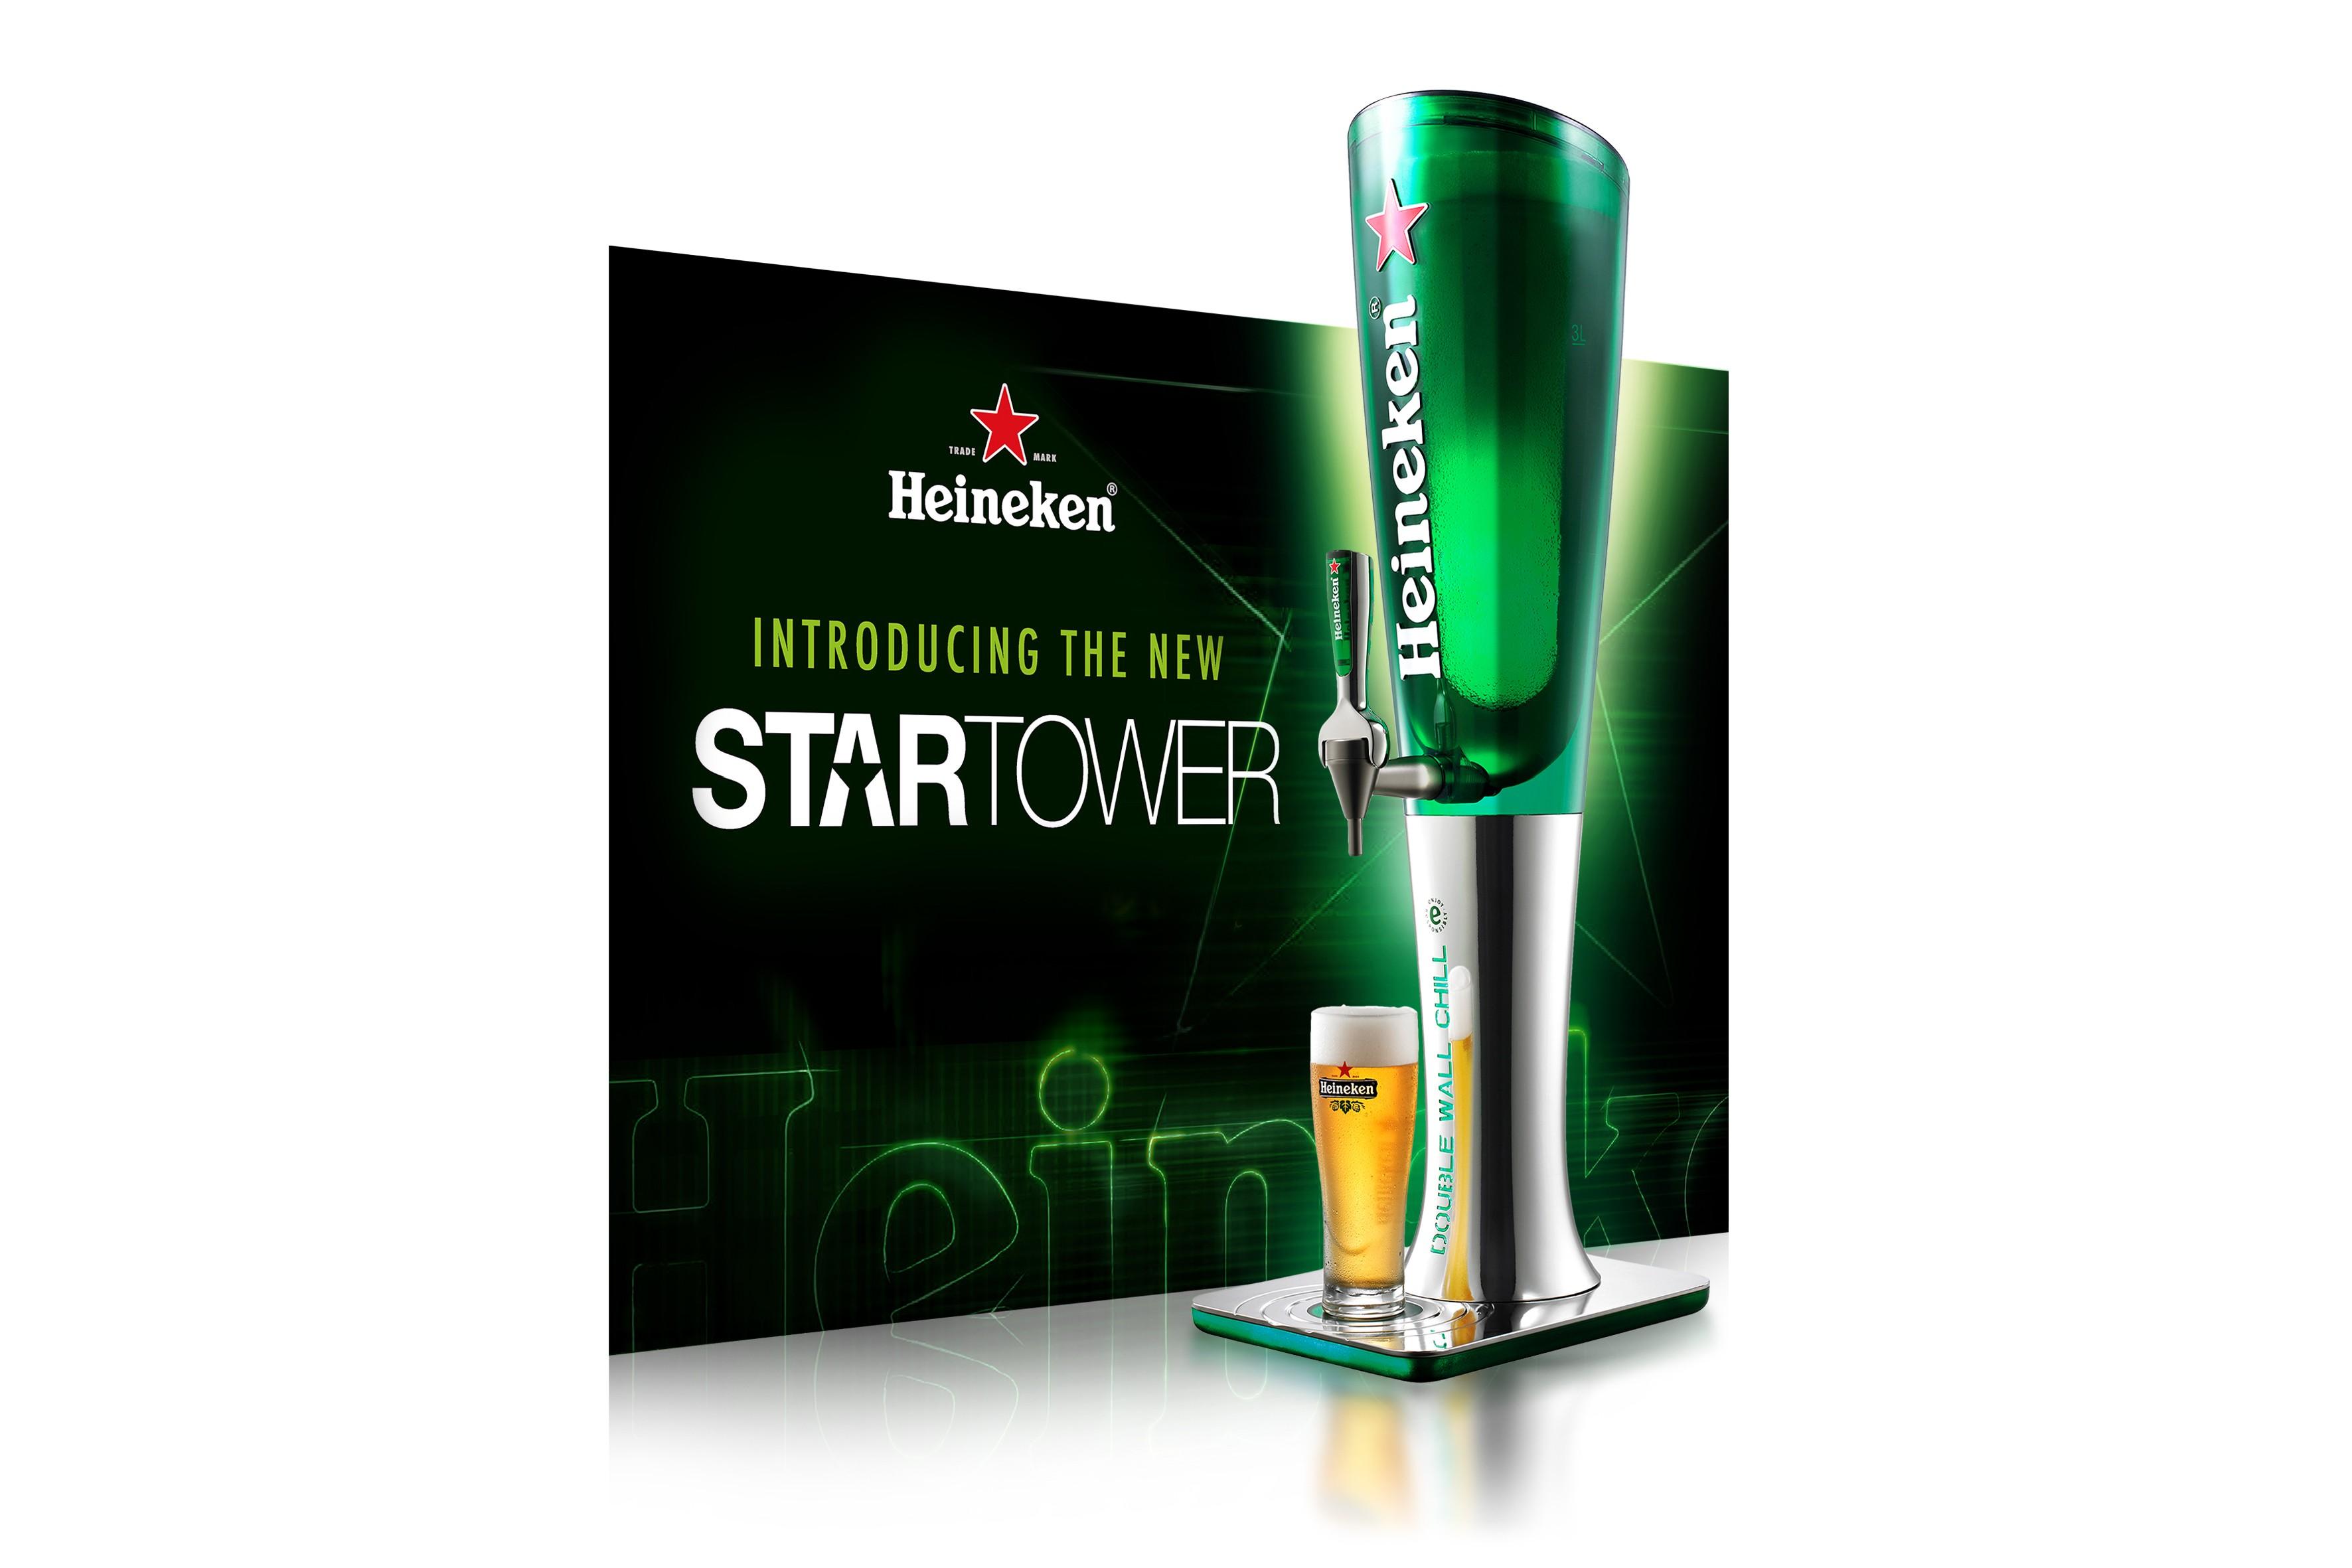 Heineken Star Tower image of 5